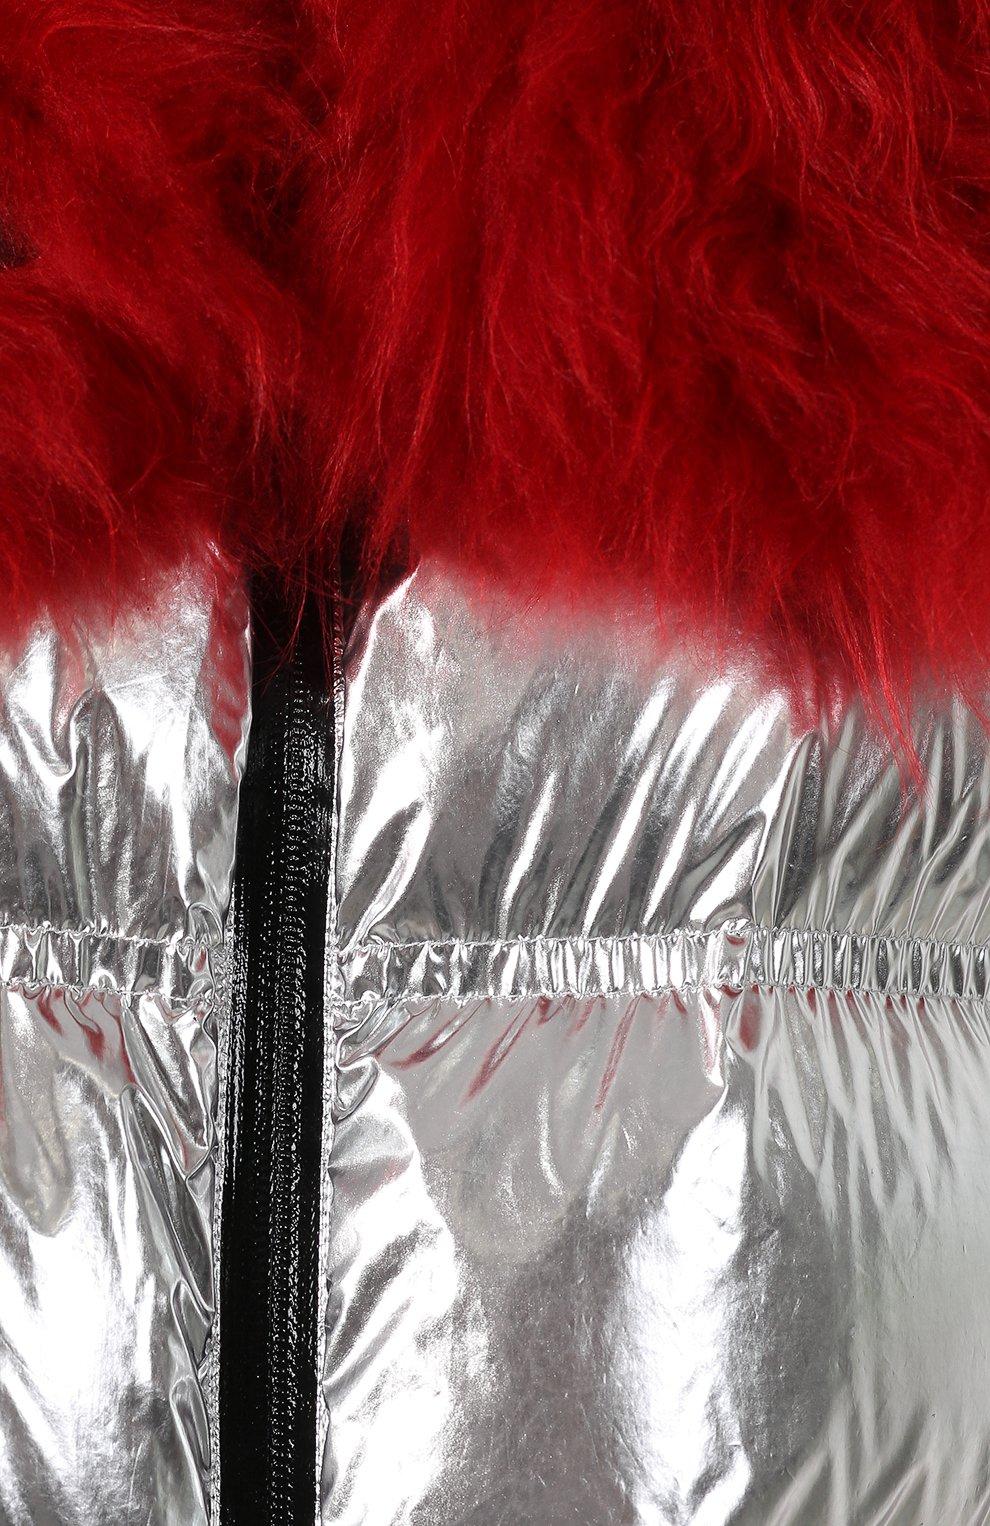 Женский куртка 3 moncler grenoble MONCLER GRENOBLE серебряного цвета, арт. E2-098-46803-15-C0283 | Фото 5